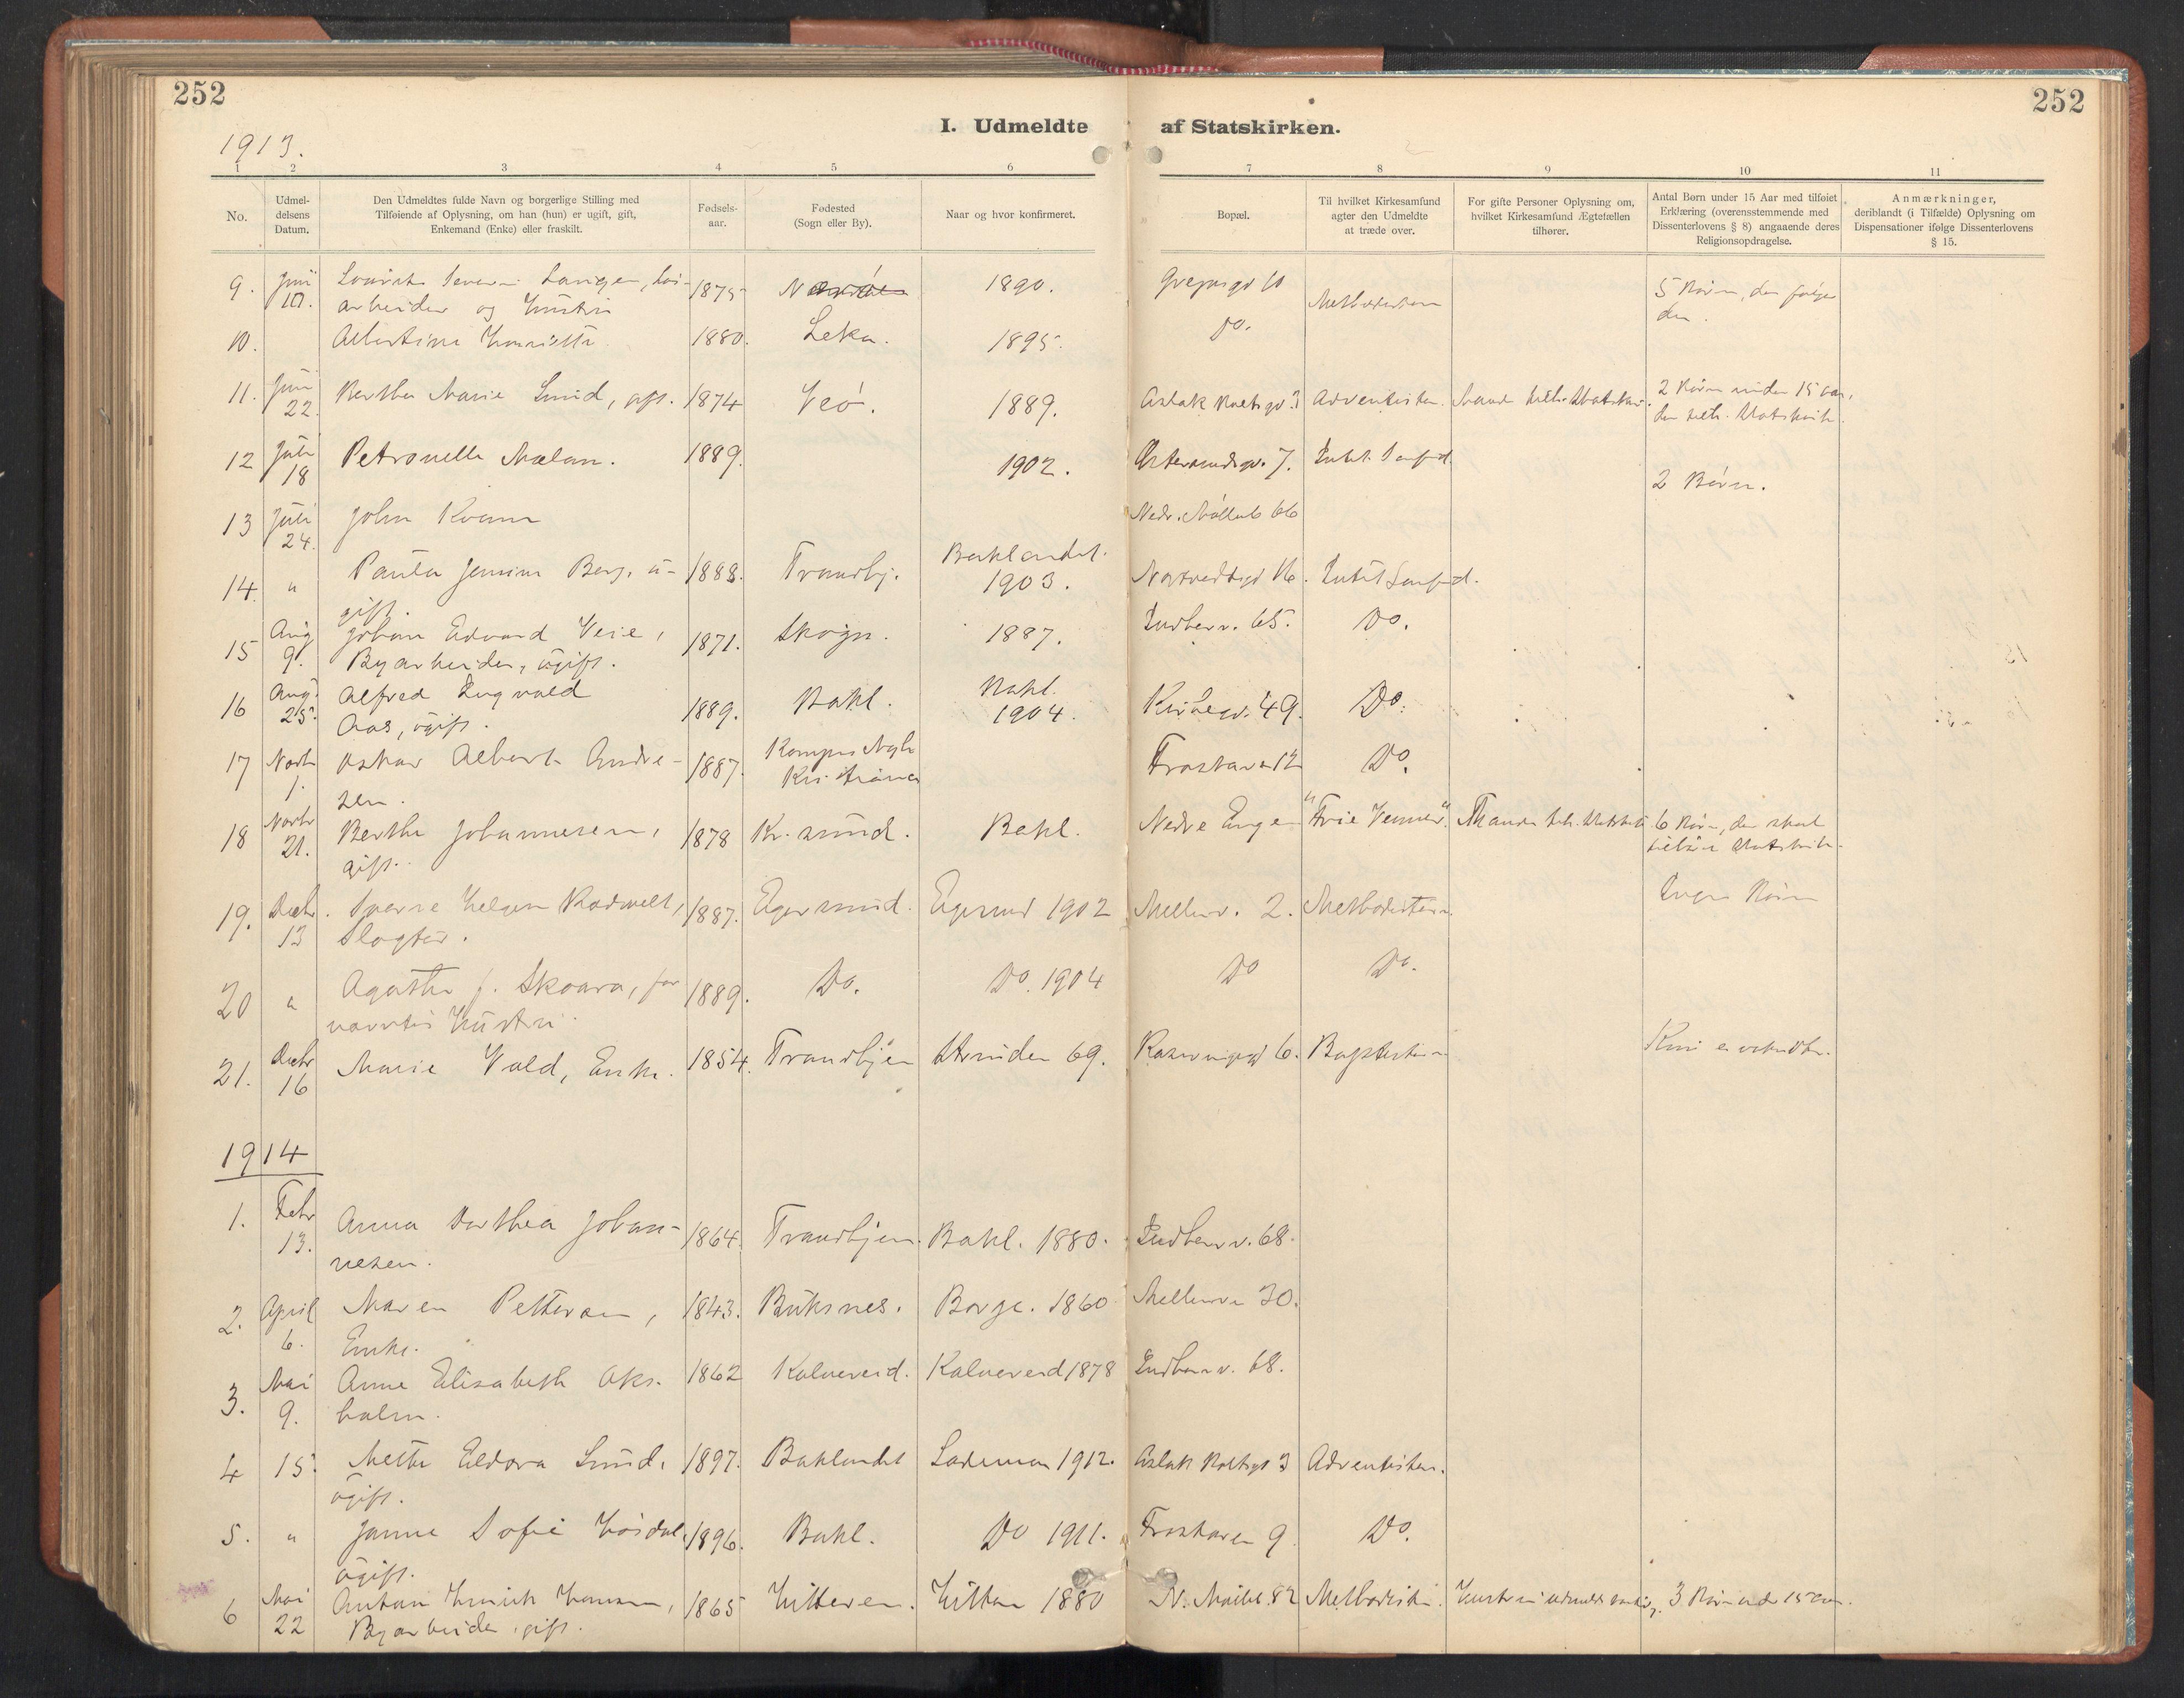 SAT, Ministerialprotokoller, klokkerbøker og fødselsregistre - Sør-Trøndelag, 605/L0244: Ministerialbok nr. 605A06, 1908-1954, s. 252